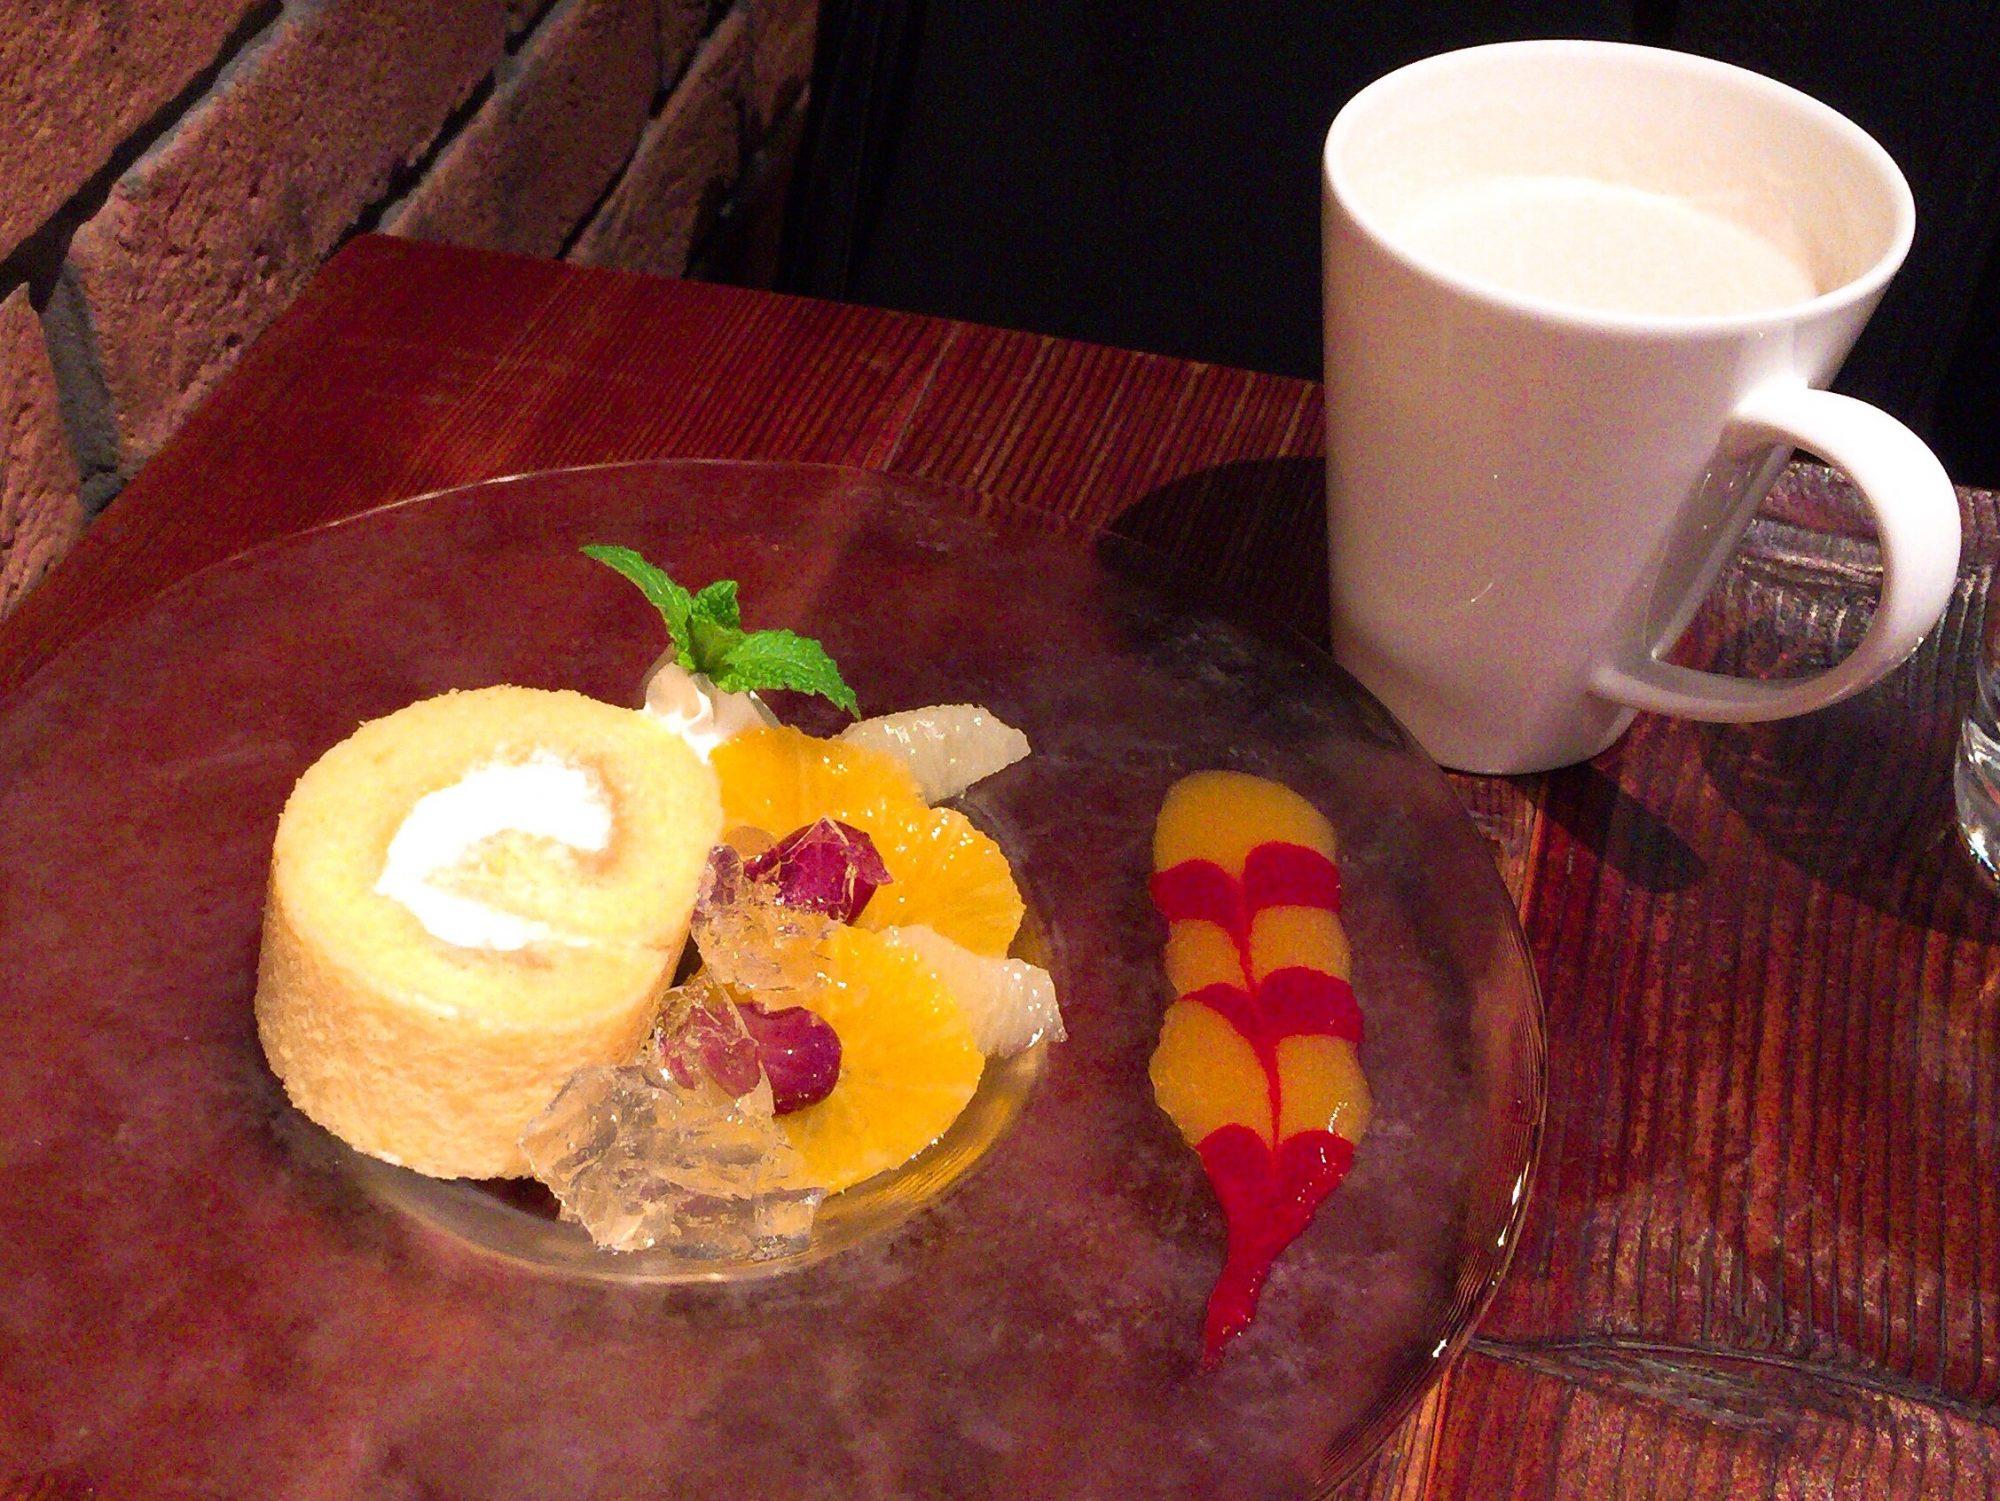 自由が丘の電源カフェ[ブルーブックス・カフェ]でチャイ(約200kcal)を飲みながら仕事がはかどりました